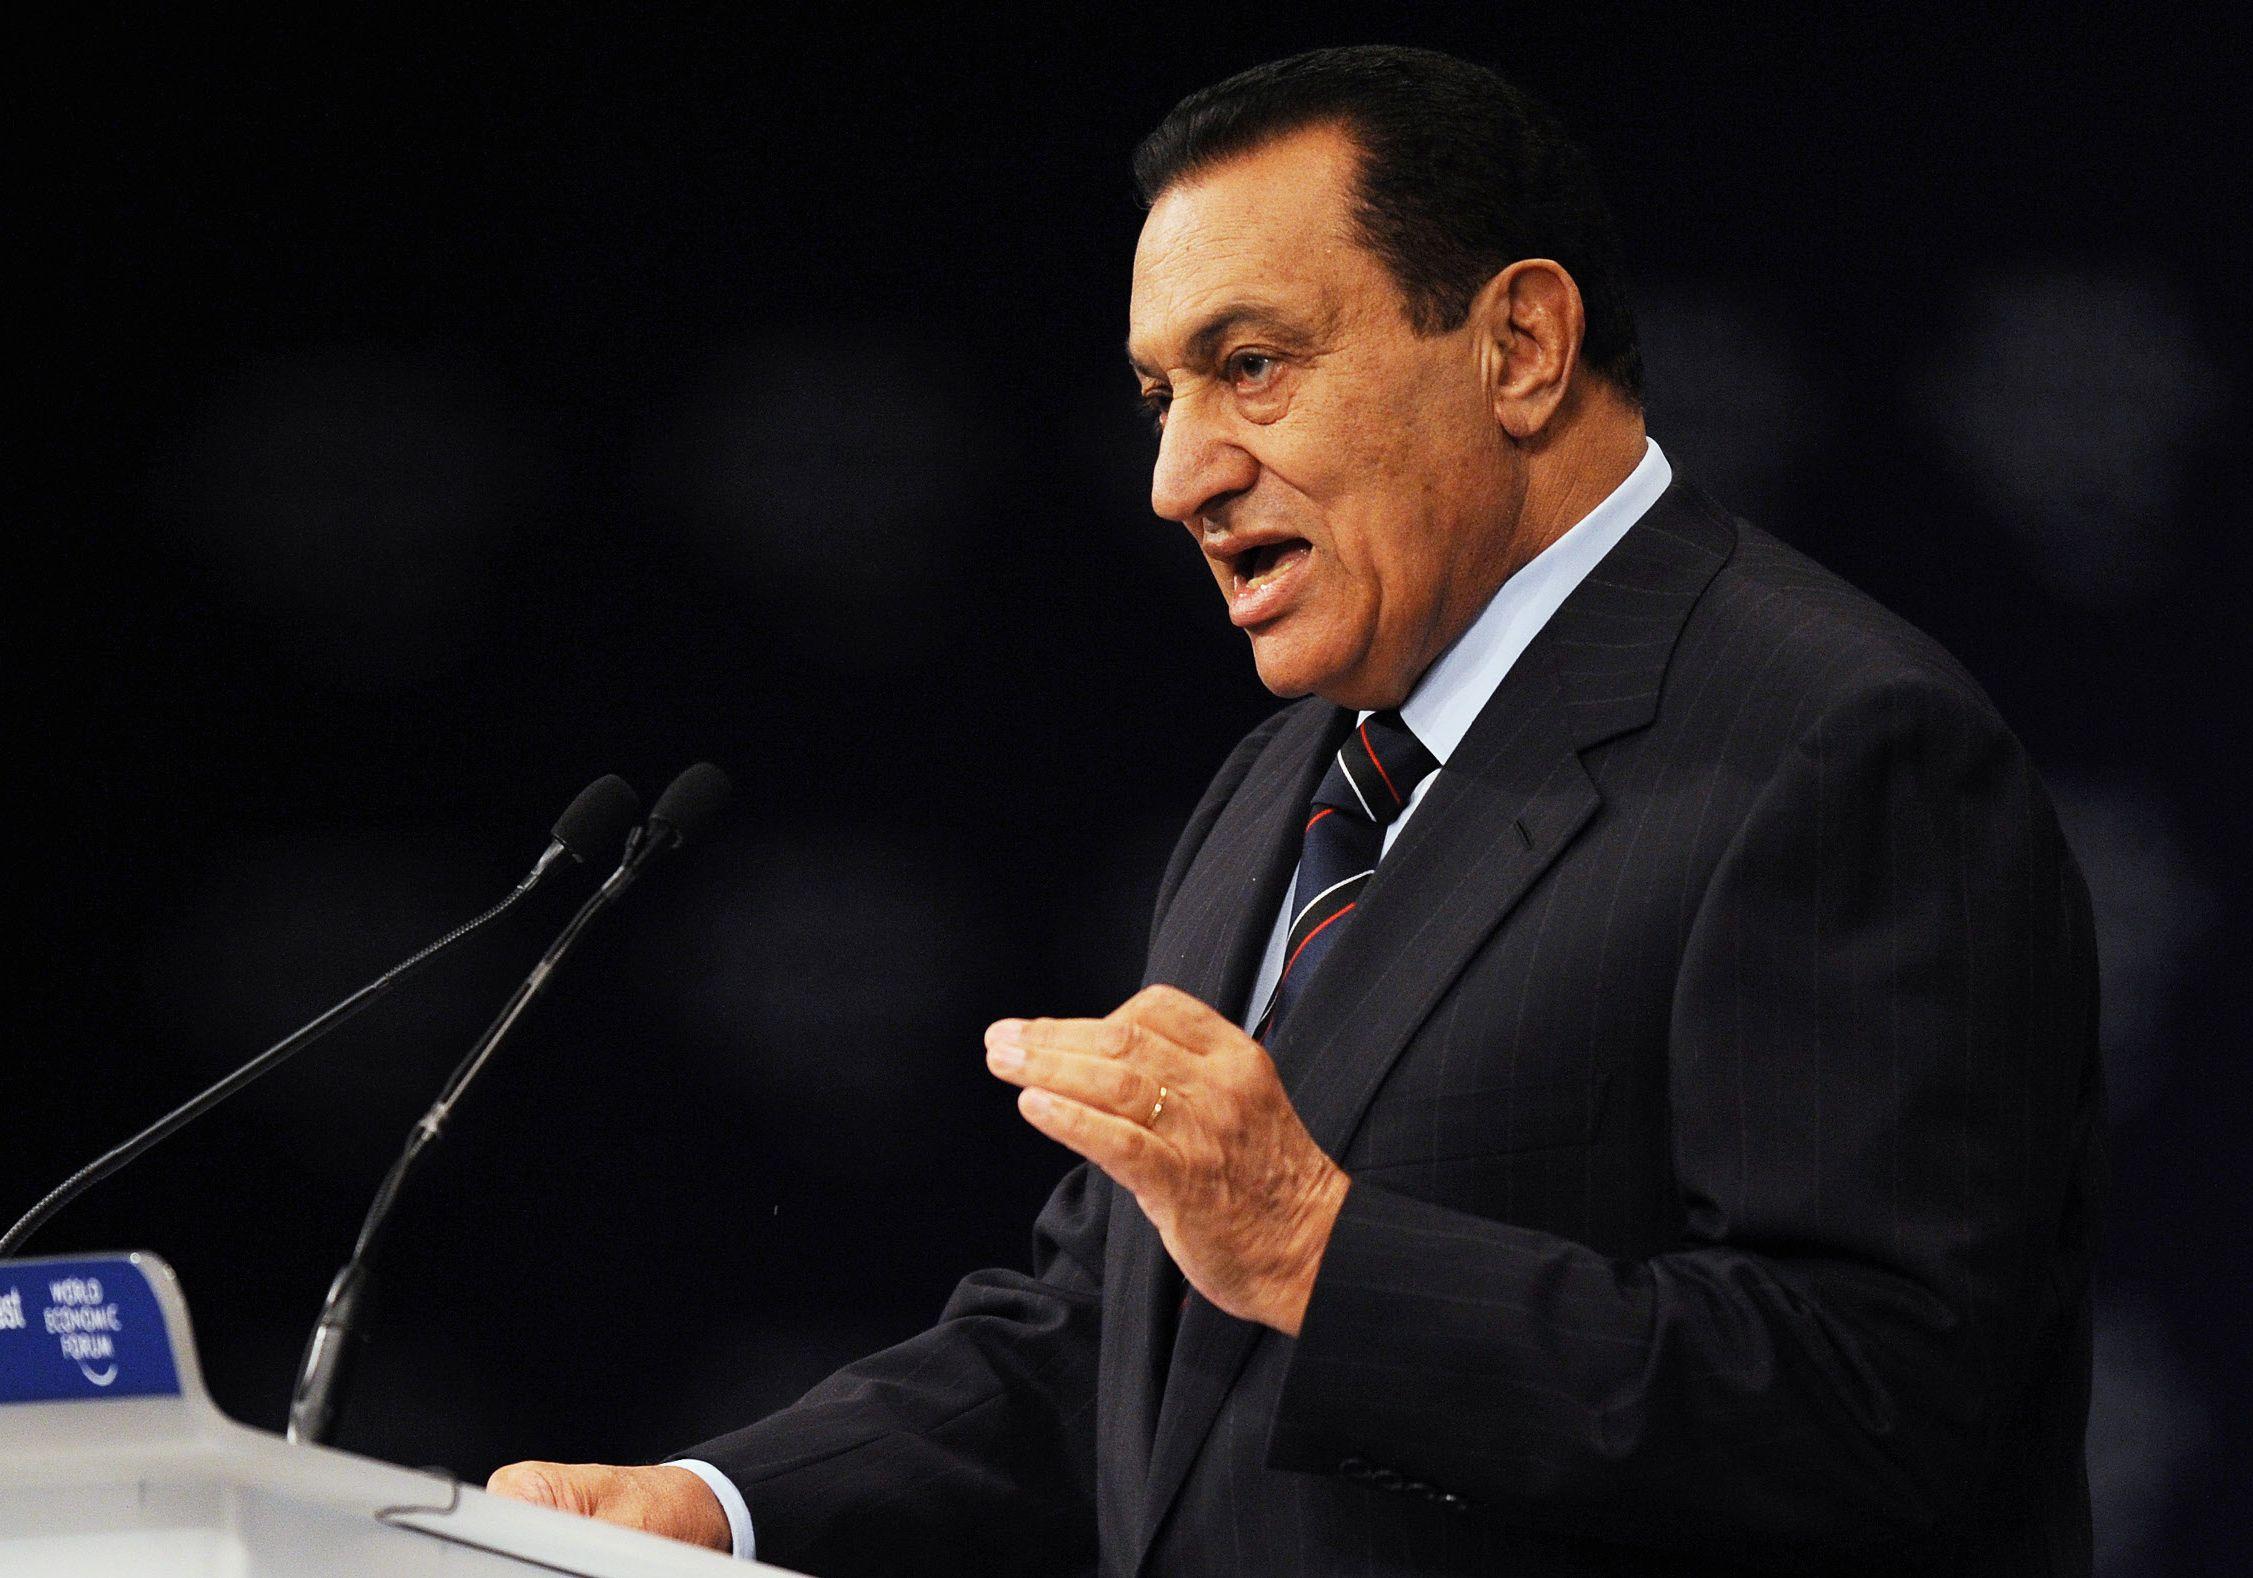 مصطفى الفقي: مبارك لم يكن خاضعا لأمريكا